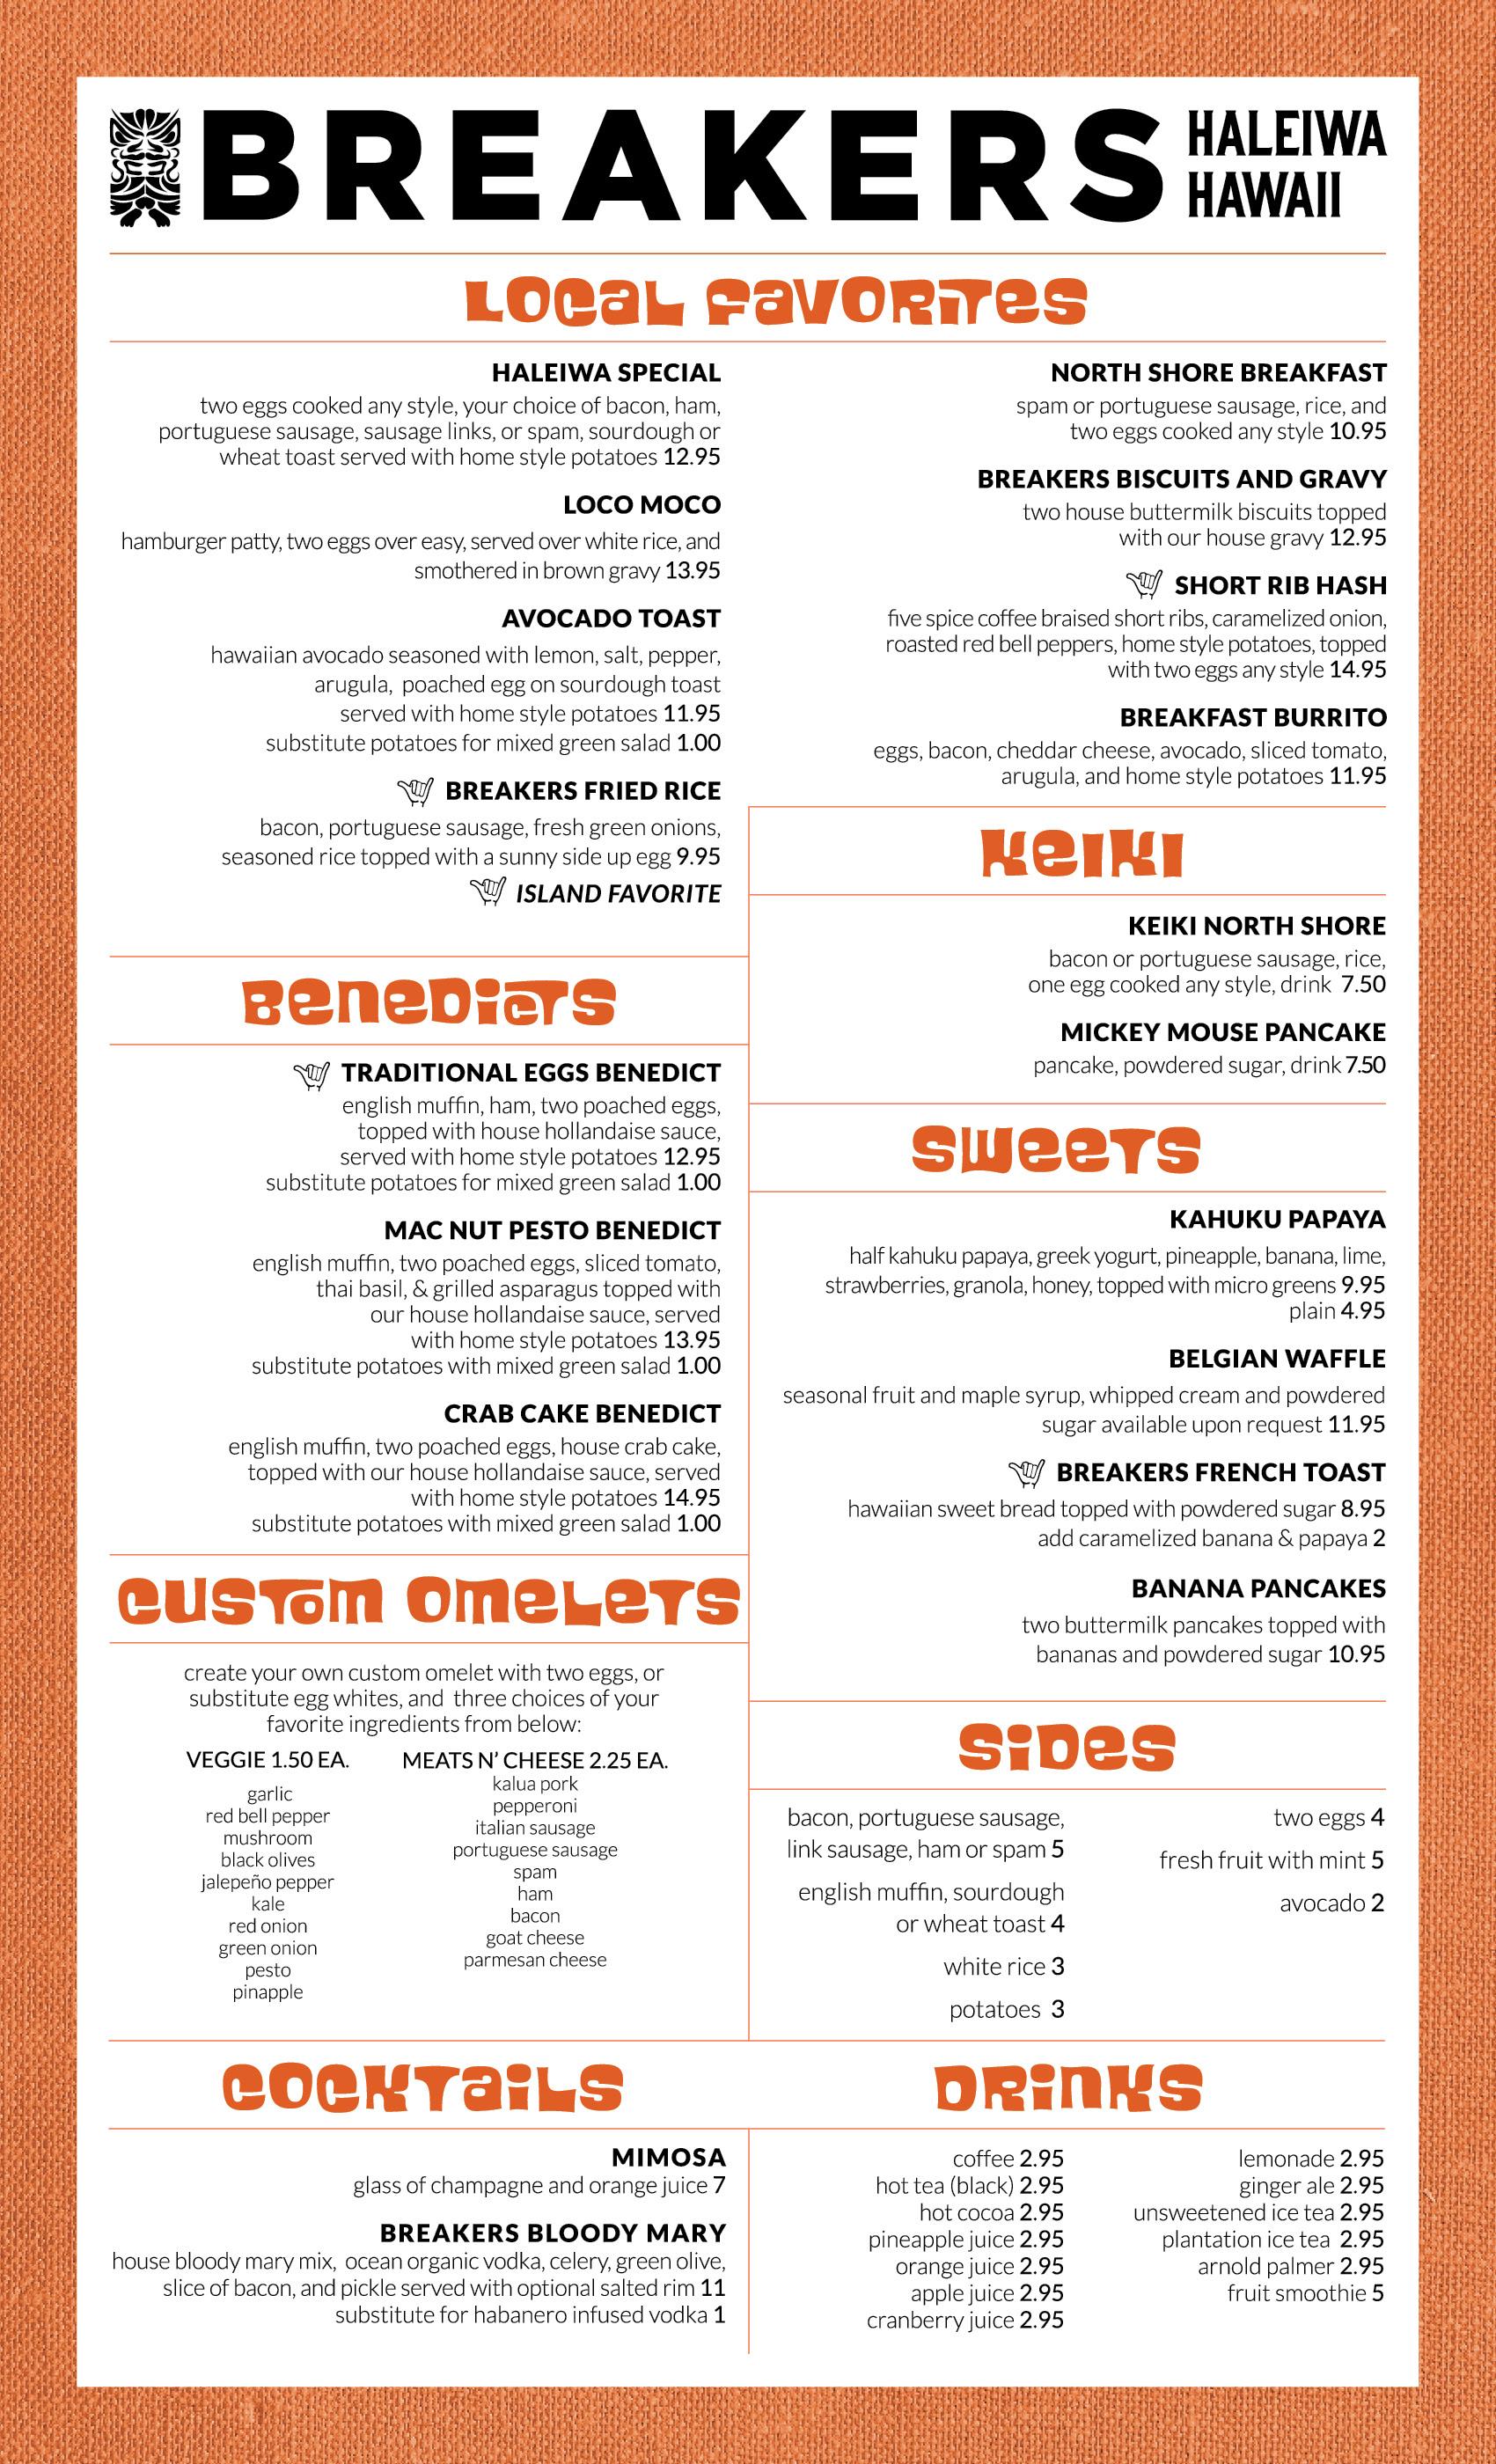 breakers_lunch_dinner_menu_PRINT_may 15 20183.jpg